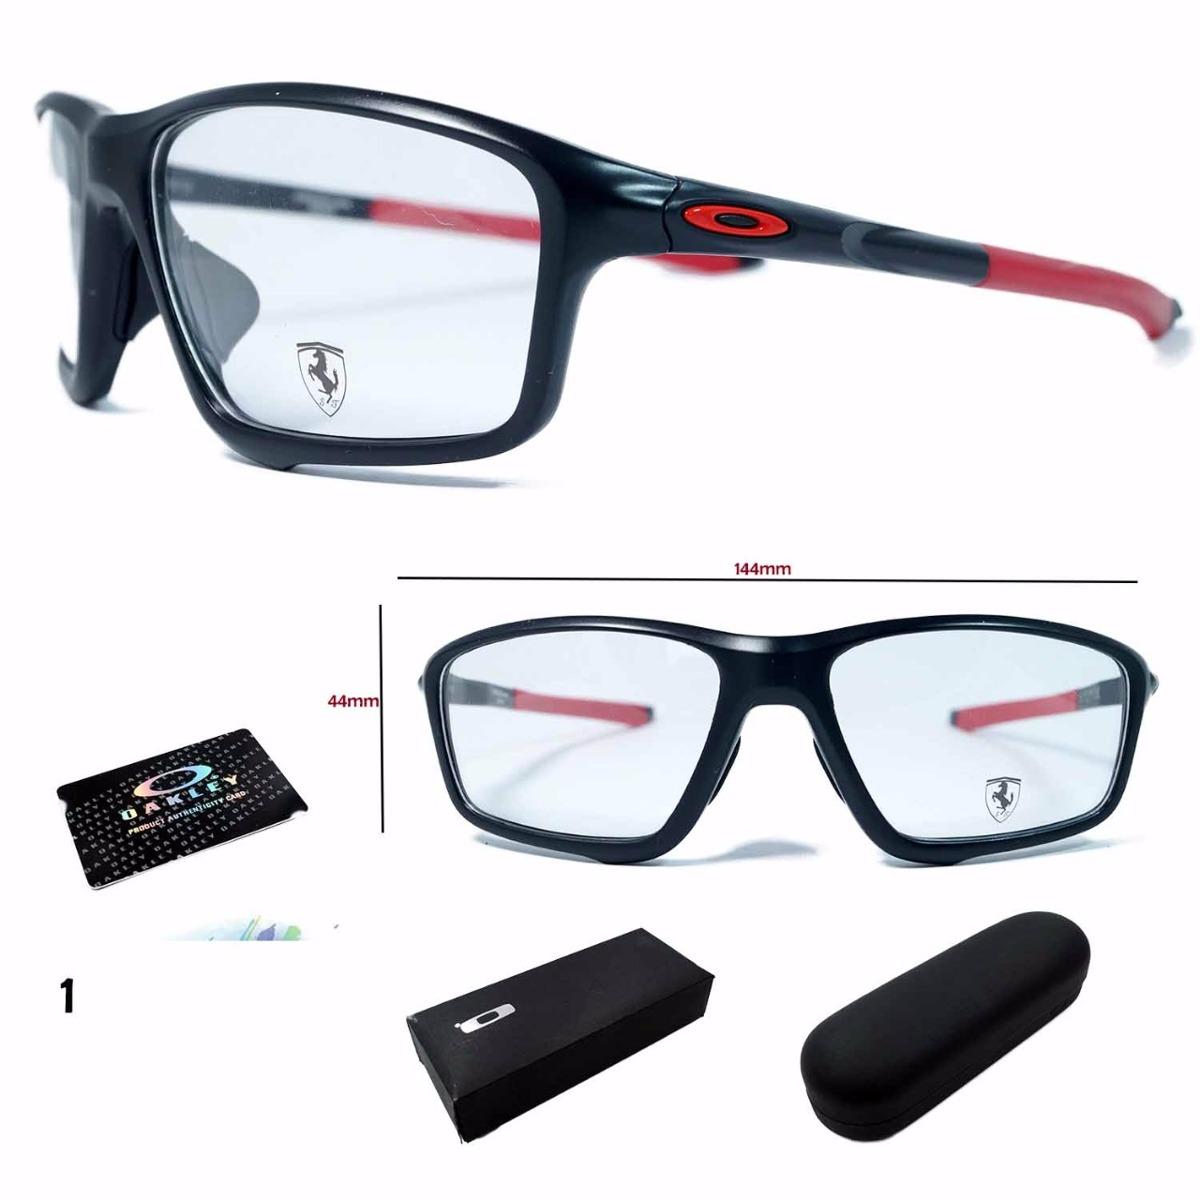 Gafas Okley Montura Oftalmica Lentes Uv400 100% Garantiz - $ 120.000 ...